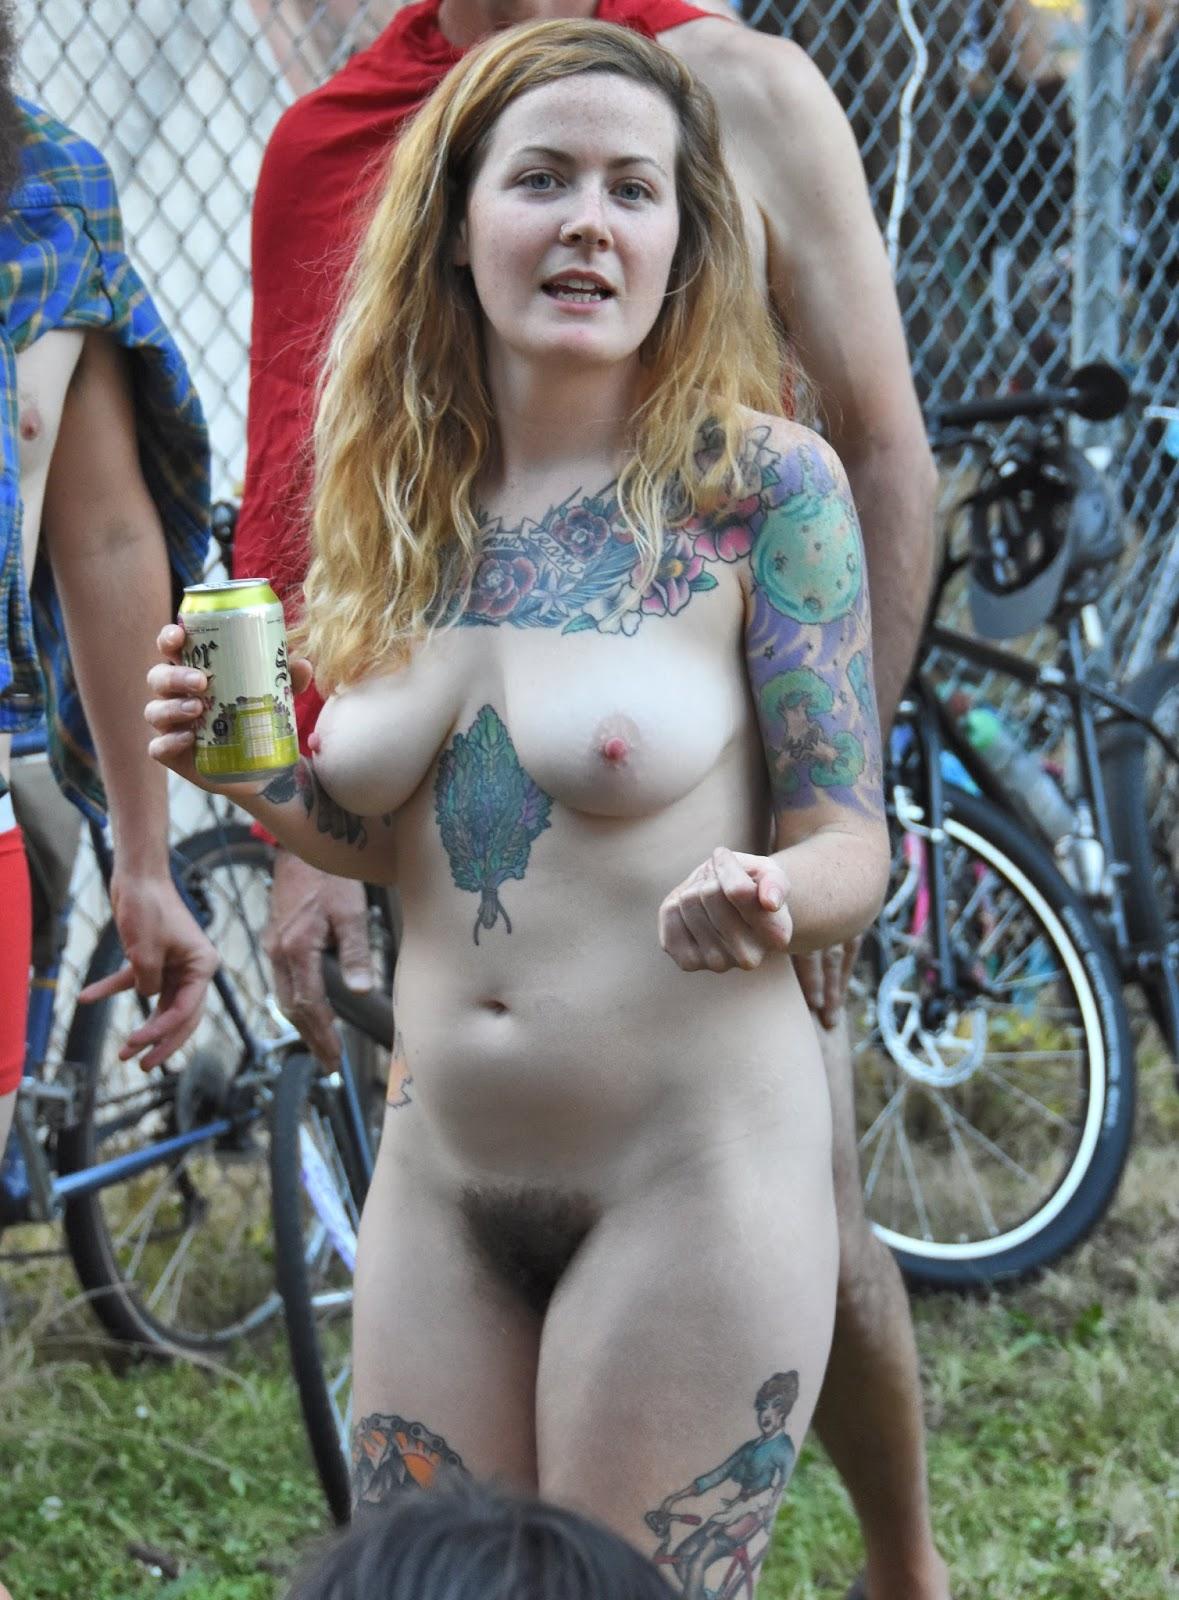 Portland nudist #6